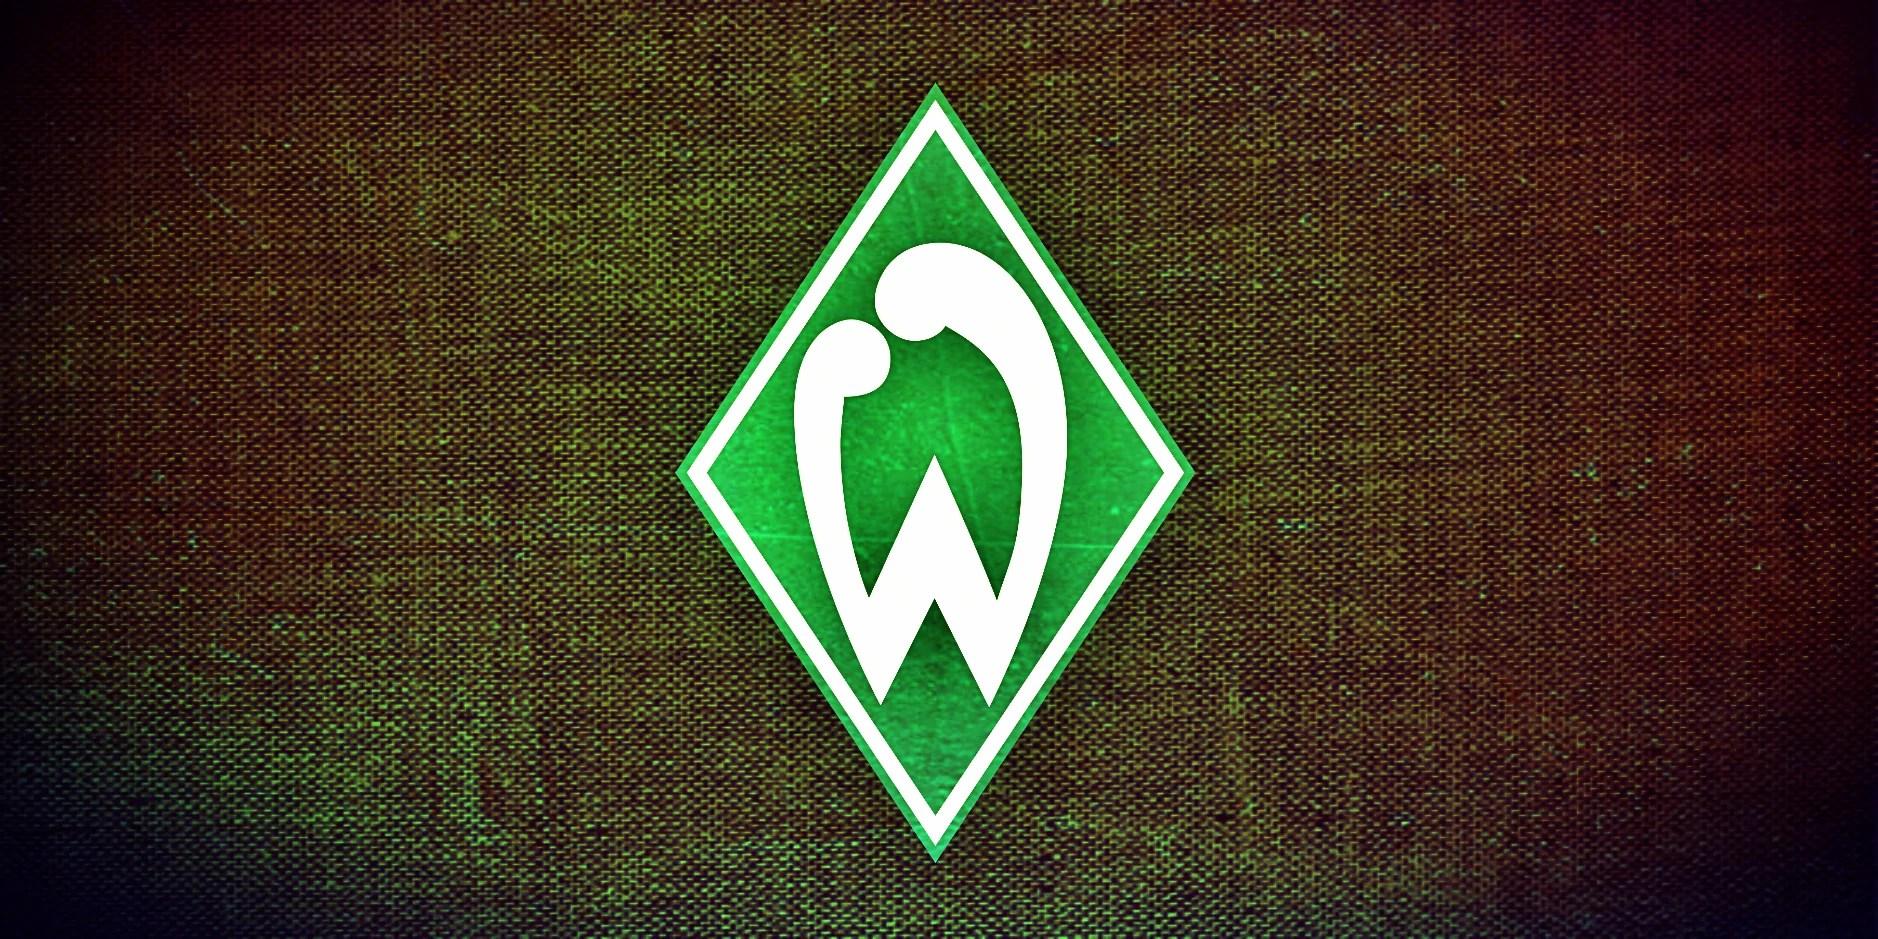 Image Logo Wallpaper Werder 98 Jpg Werder Bremen Wiki